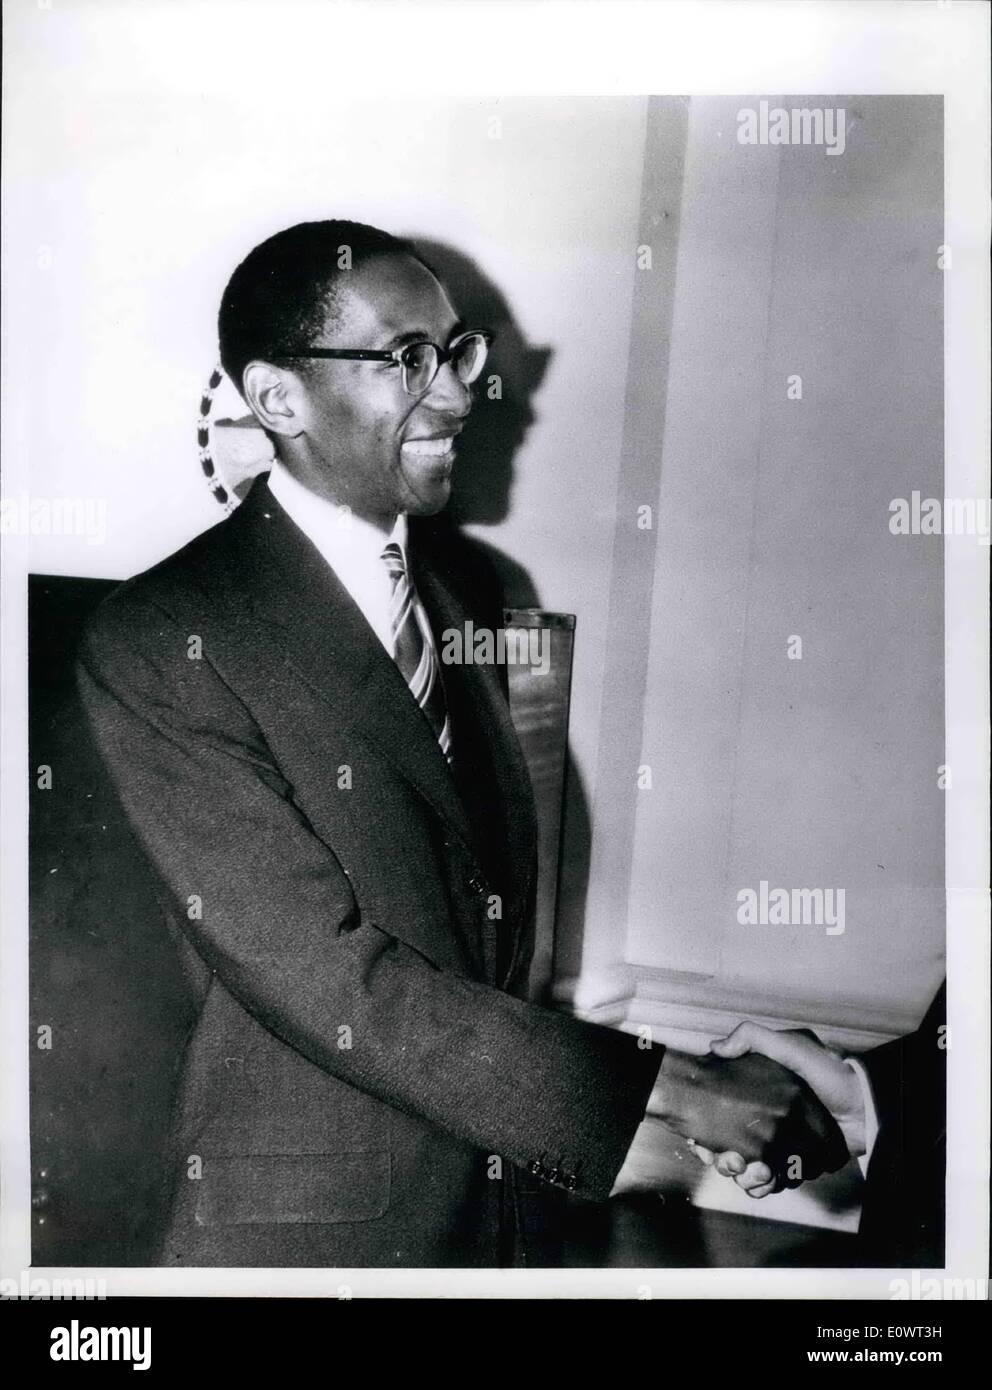 Apr. 04, 1964 - Basutoland Talks In London: Who Paramount Chief of Basutoland Motlotlehi Moshoeshoe II, who is likely - Stock Image